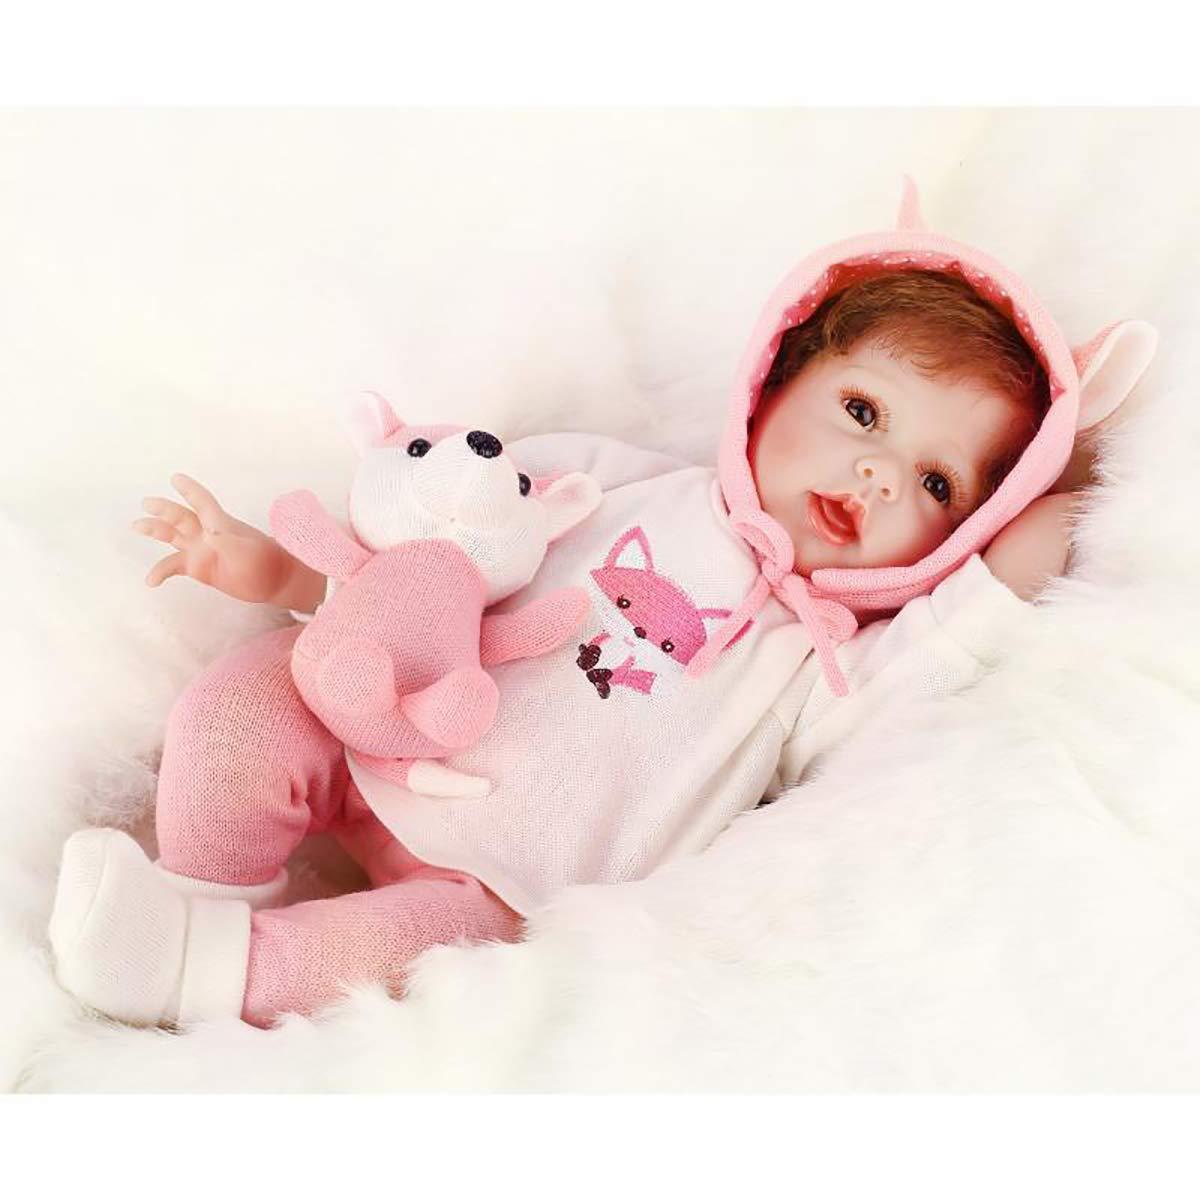 LBHE Reborn Baby Doll Lebensechte Realistische Baby Doll, Tall Dreams Geschenkset Ensemble, 22-Zoll-Weißhted Baby, ab 3 Jahren